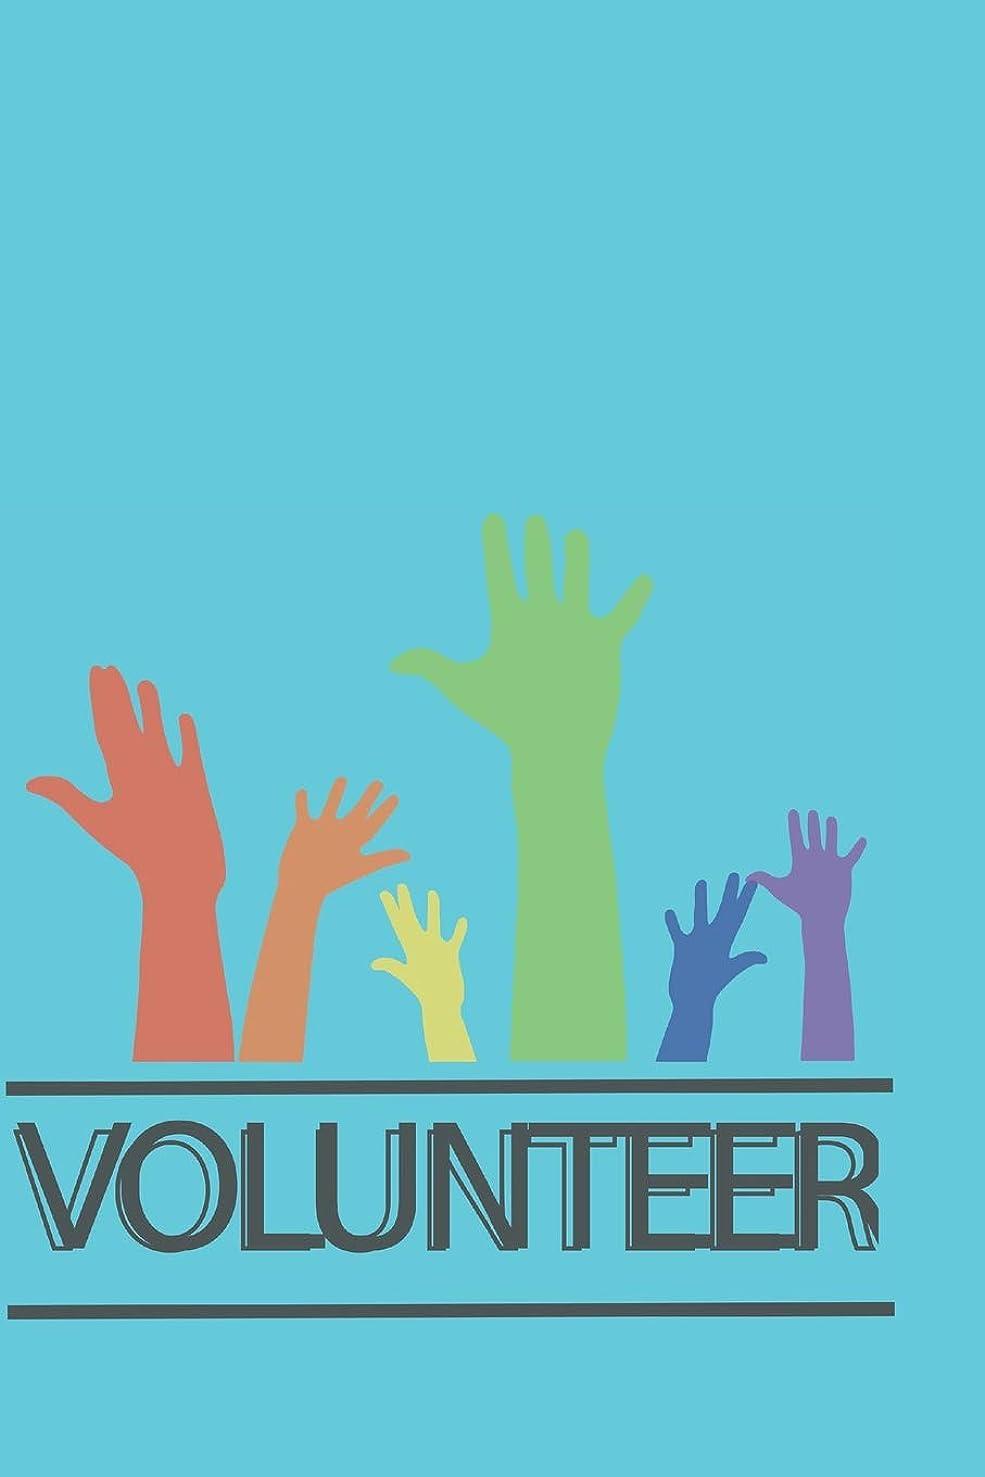 遅いボーダー排他的Volunteer: Blank Line Journal